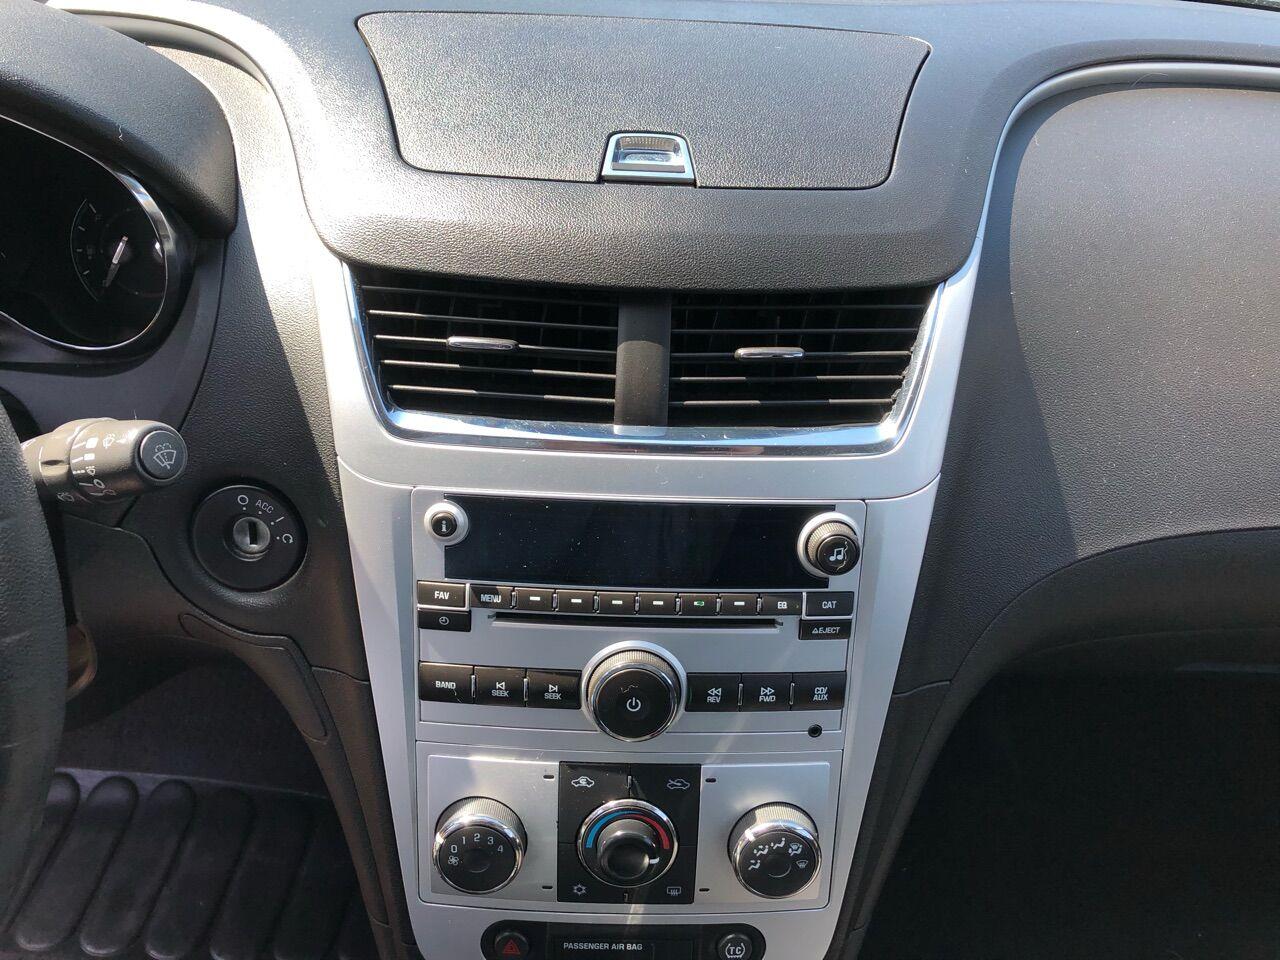 2010 Chevrolet Malibu 4dr Car